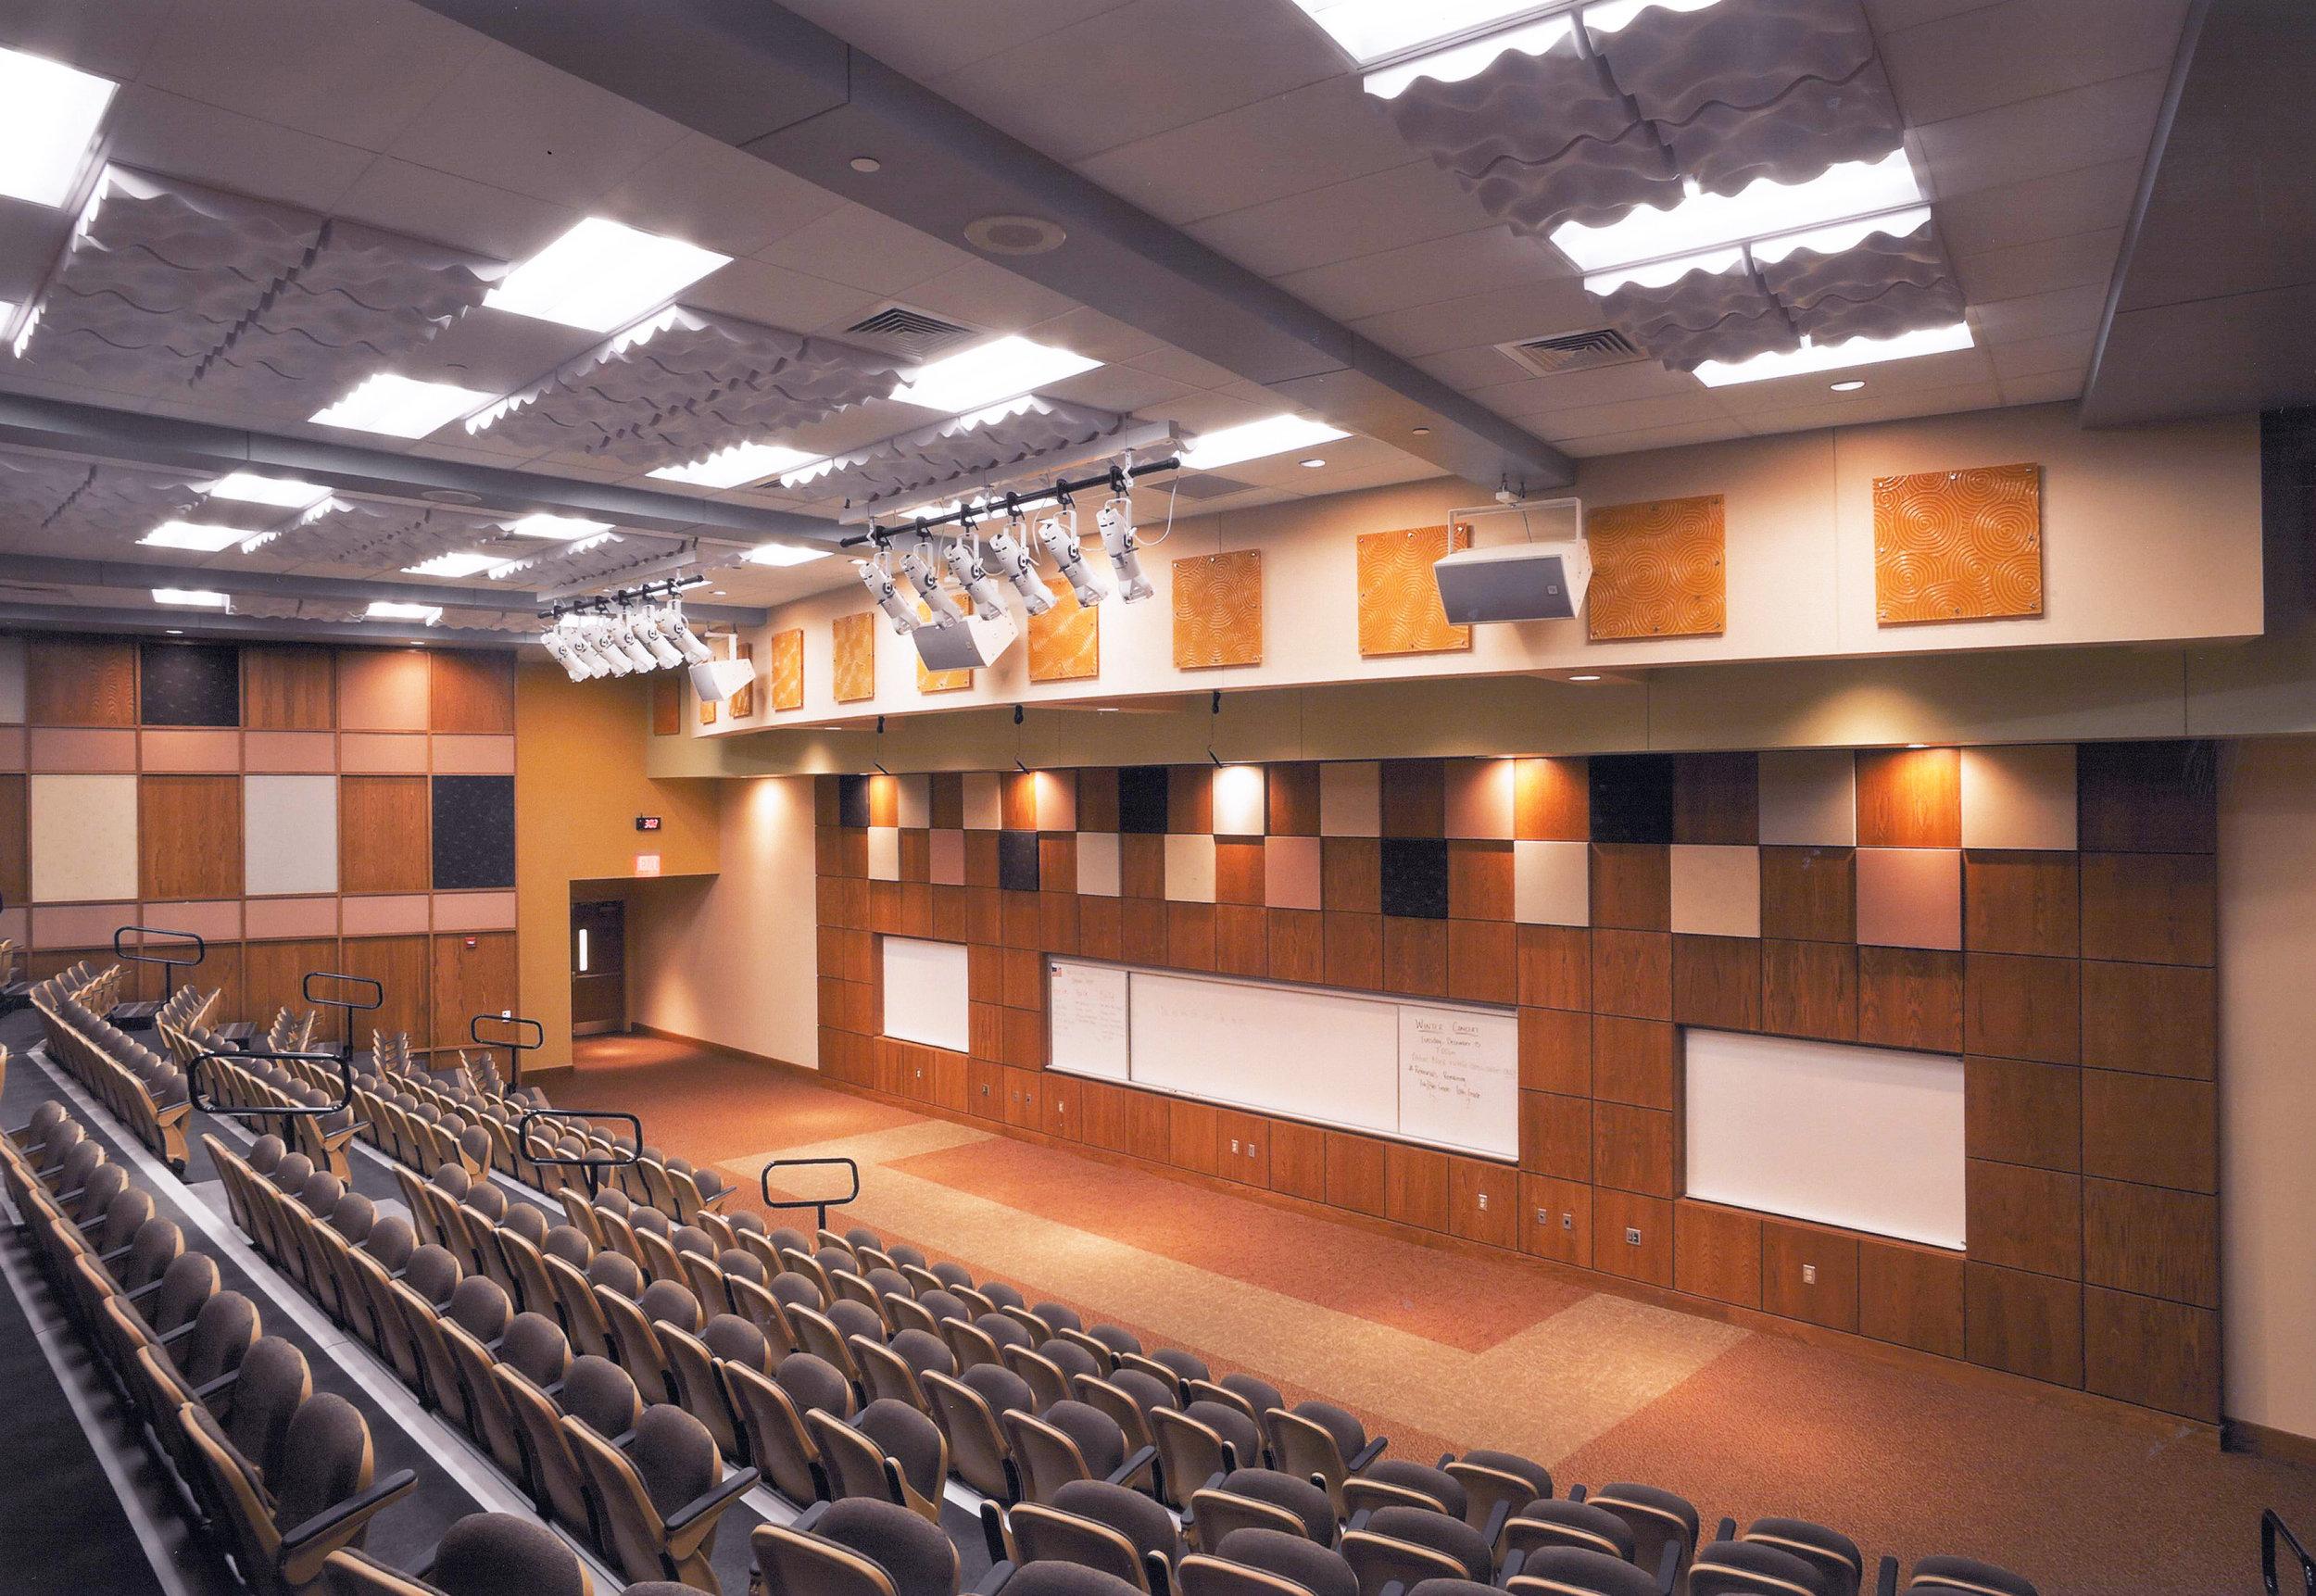 Grove City Area Middle School  Grove City Area School District   Education